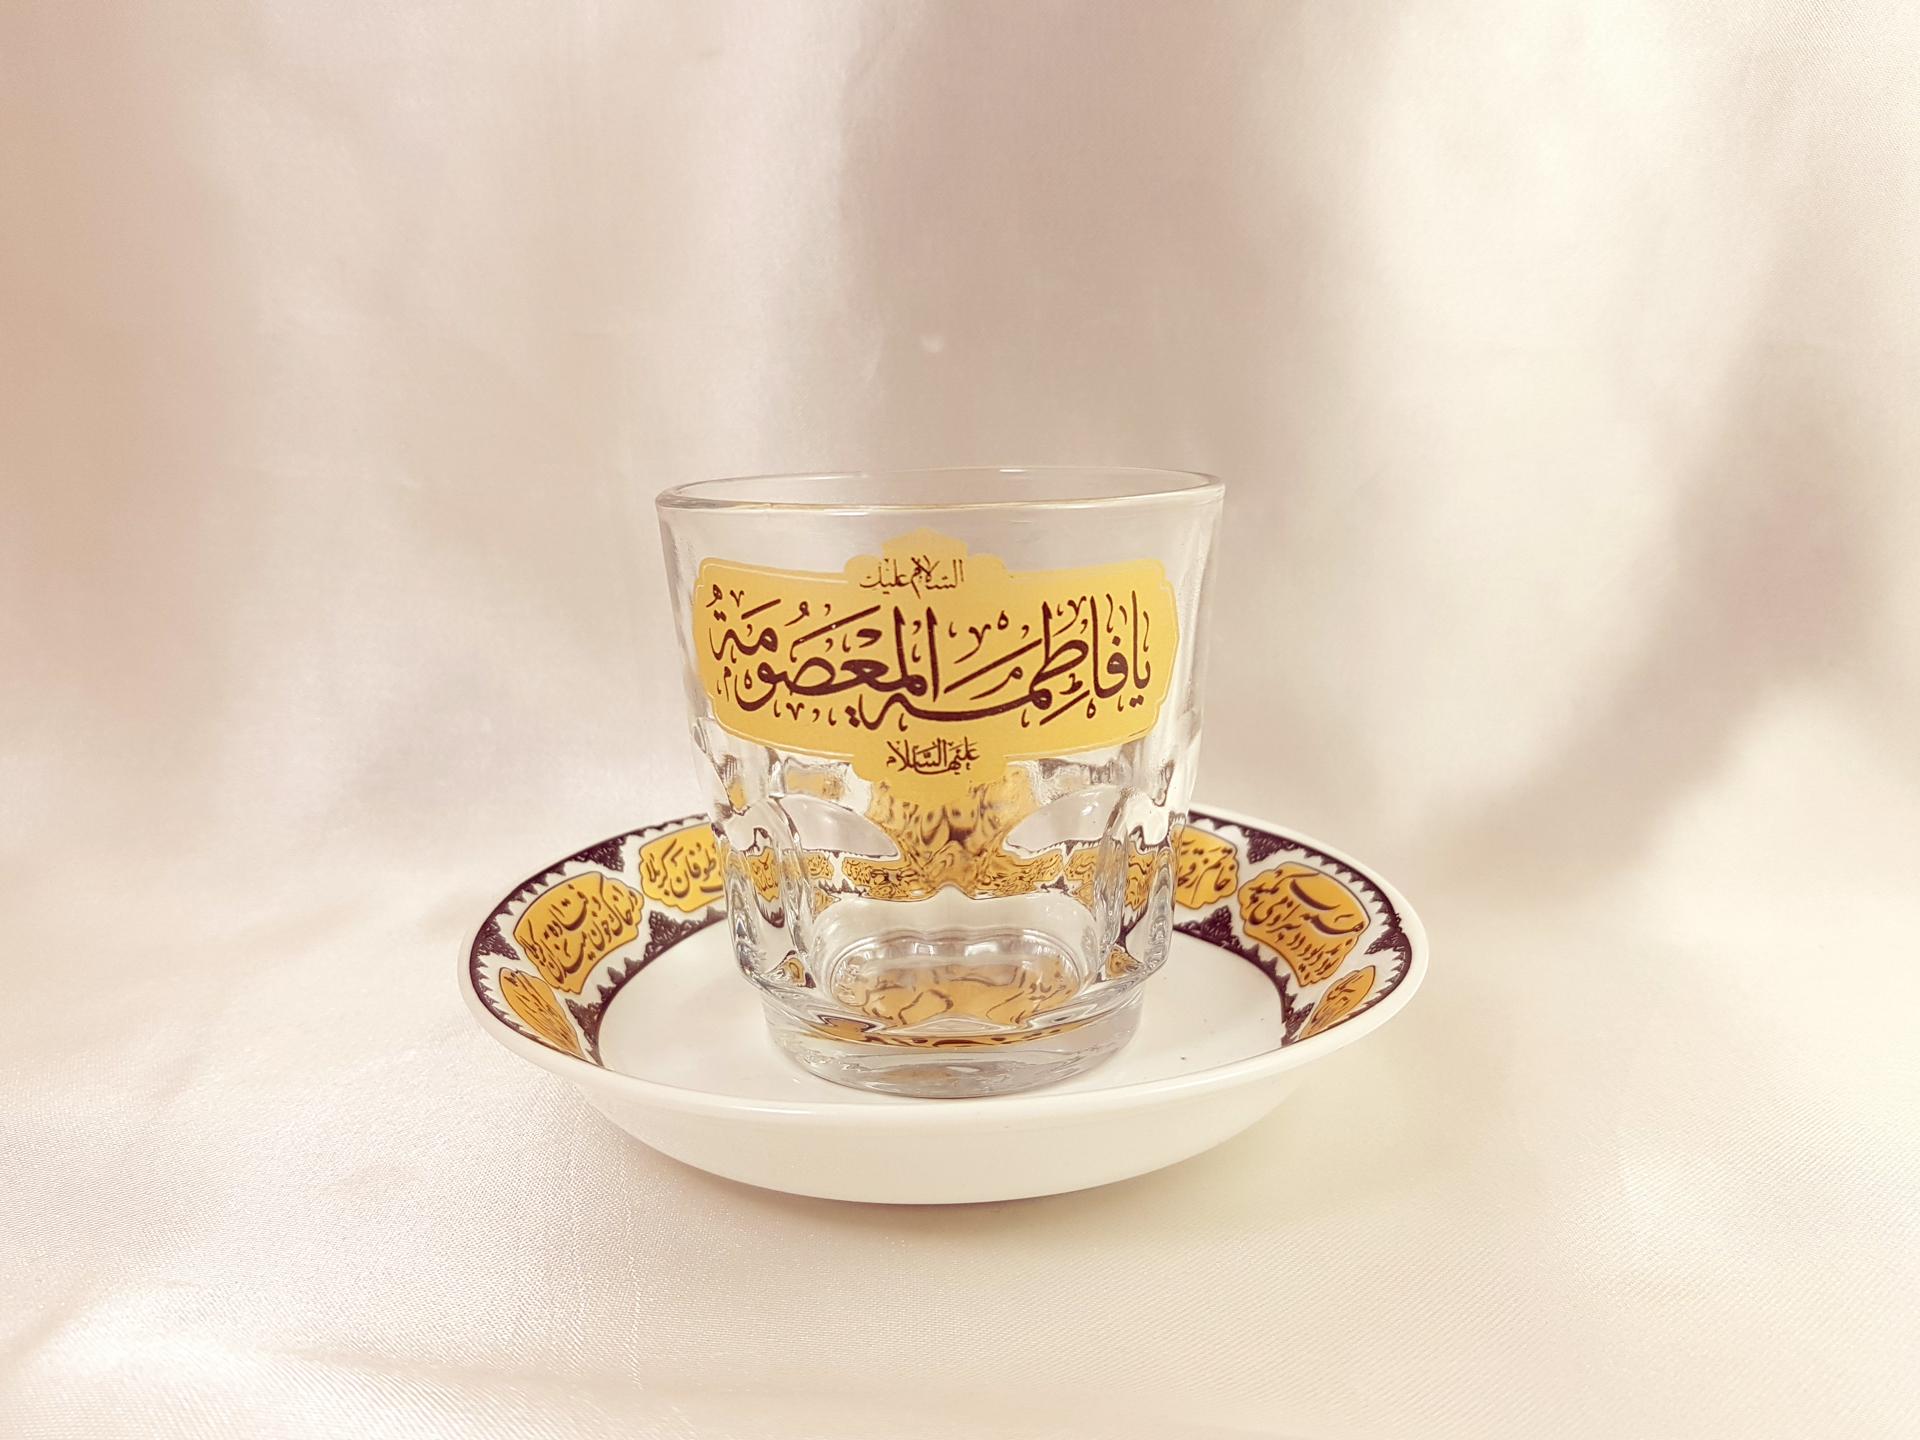 تصویر از استکان و نعلبکی نیم لیوان هیئت یافاطمه المعصومه(س)